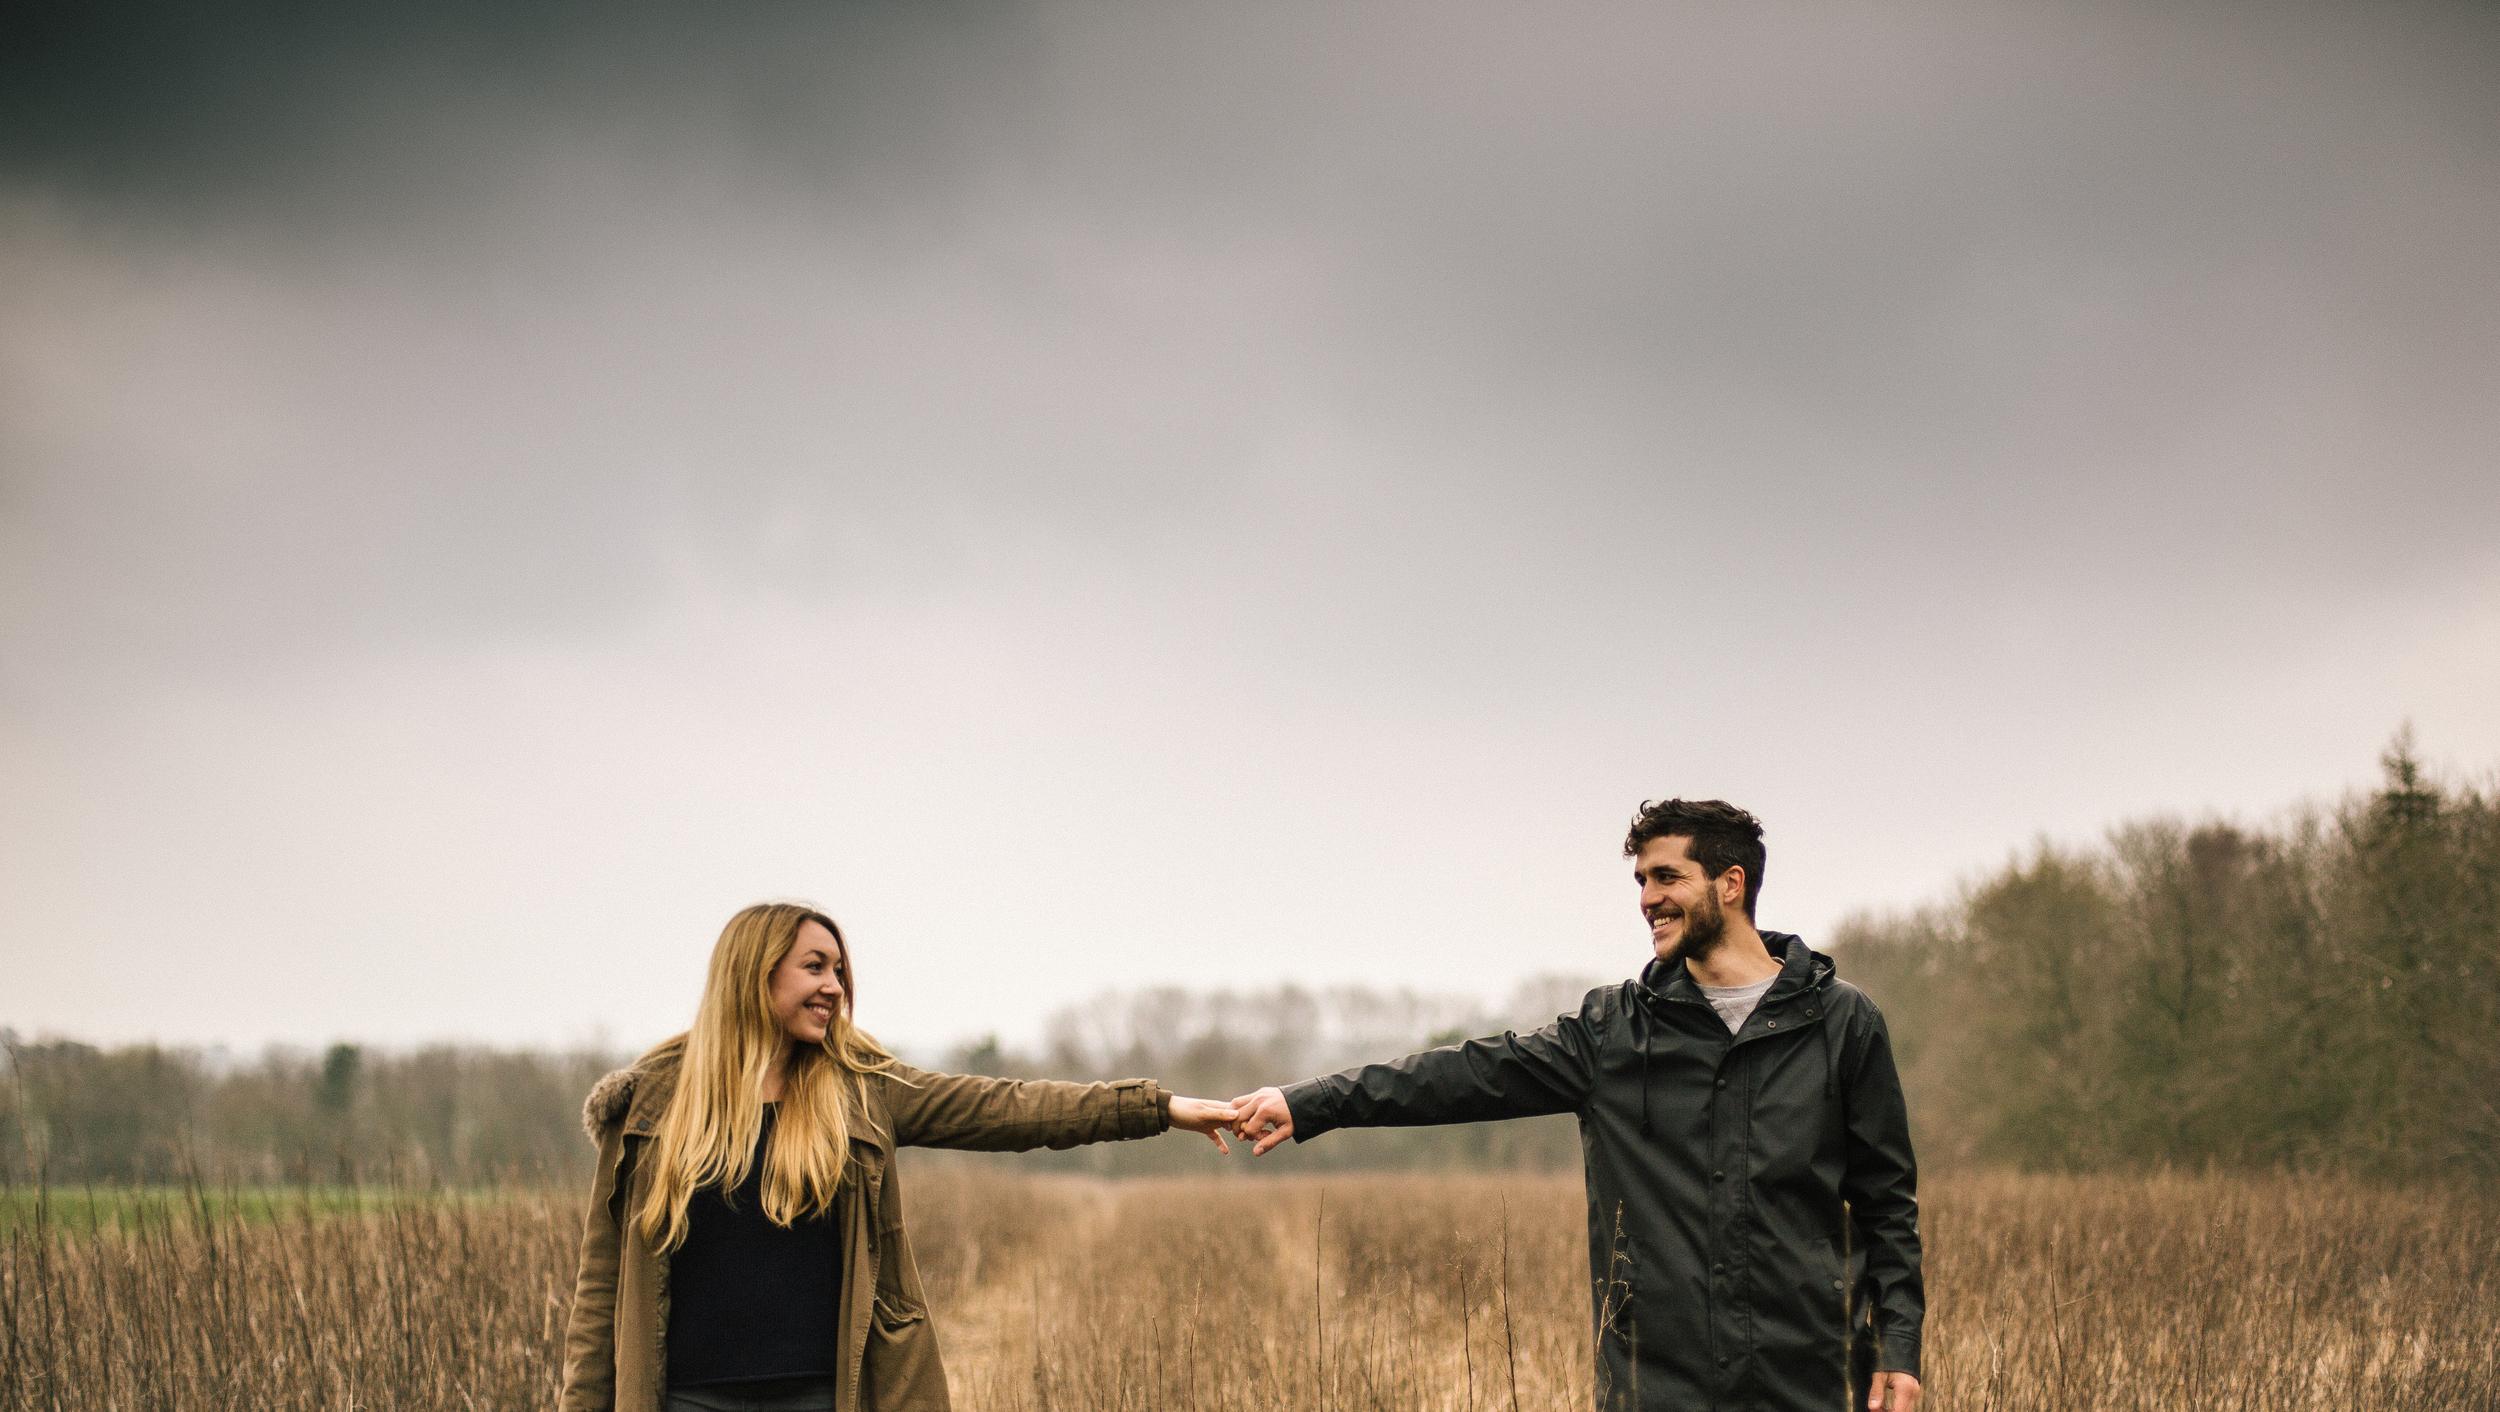 Pavenham-Bedfordshire-Engagement-Wedding-Photography-8